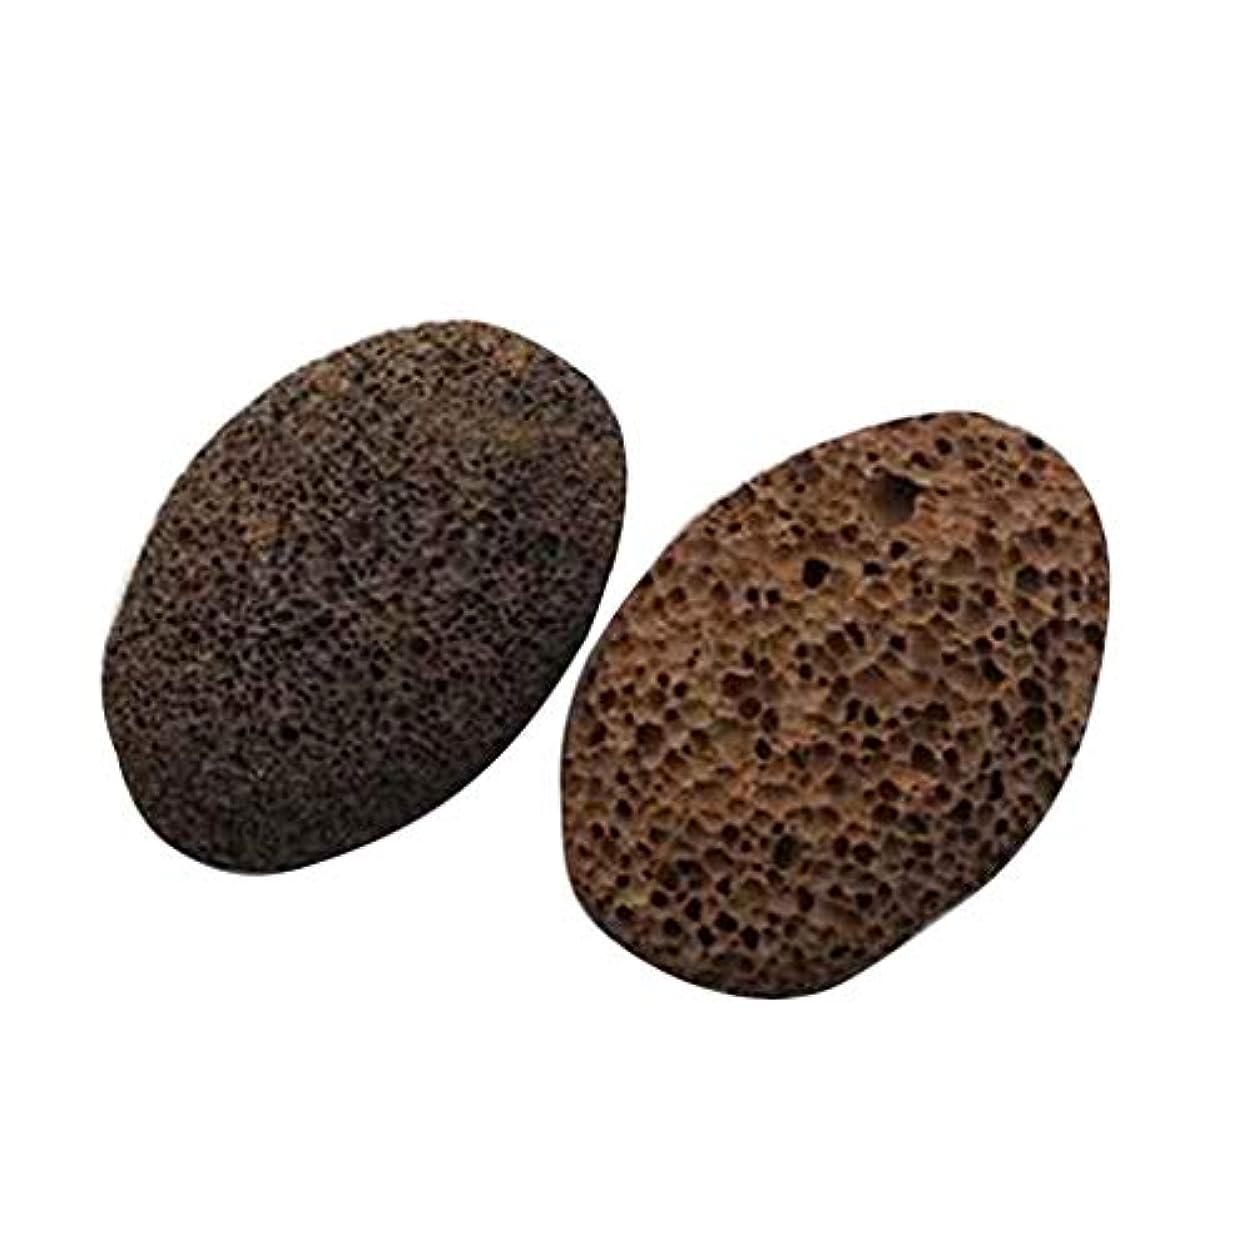 不十分マイコンフェロー諸島Nerhaily 死んだ皮軽石を取り除き 足石を挽いて 自然の火山石を剥がします 足マッサージ石 ワイプ足石 2個セット